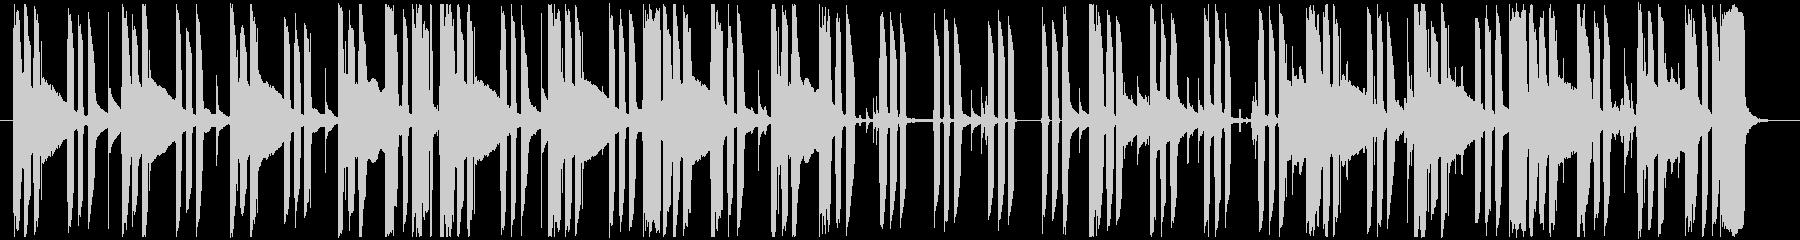 ミステリー・サスペンスの日常曲2の未再生の波形